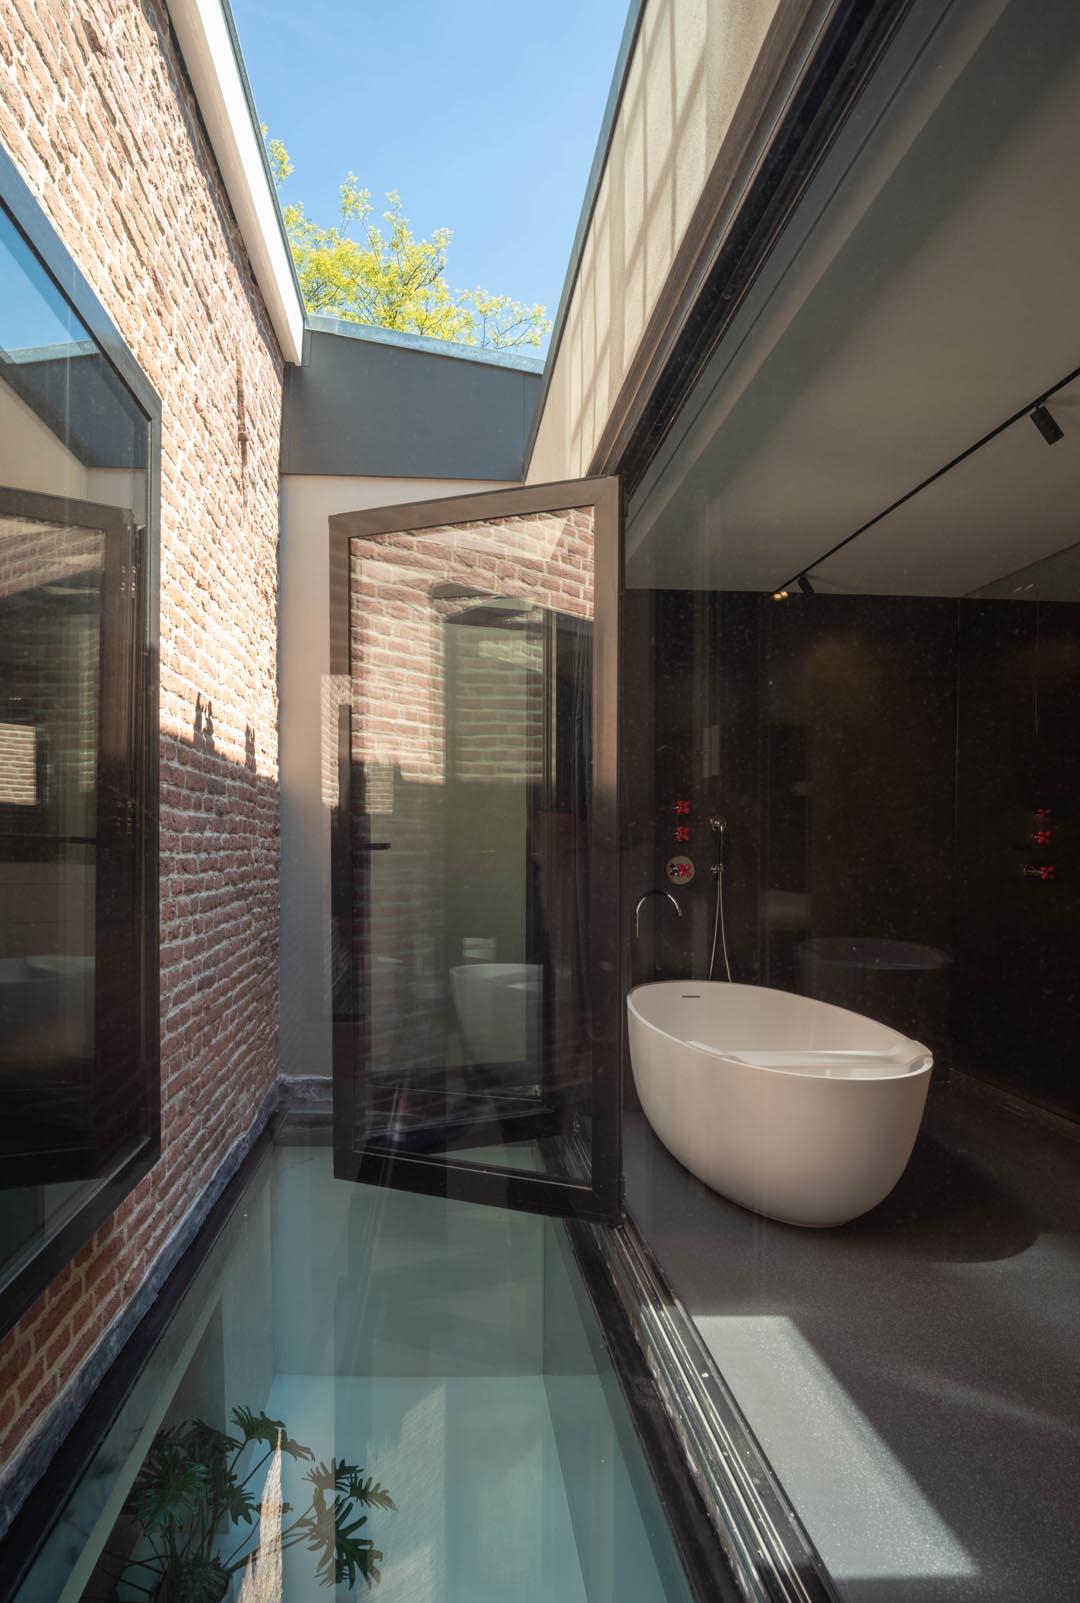 verbouw-nieuwbouw-woonhuis-stadsvilla-utrecht-1080×1603-08